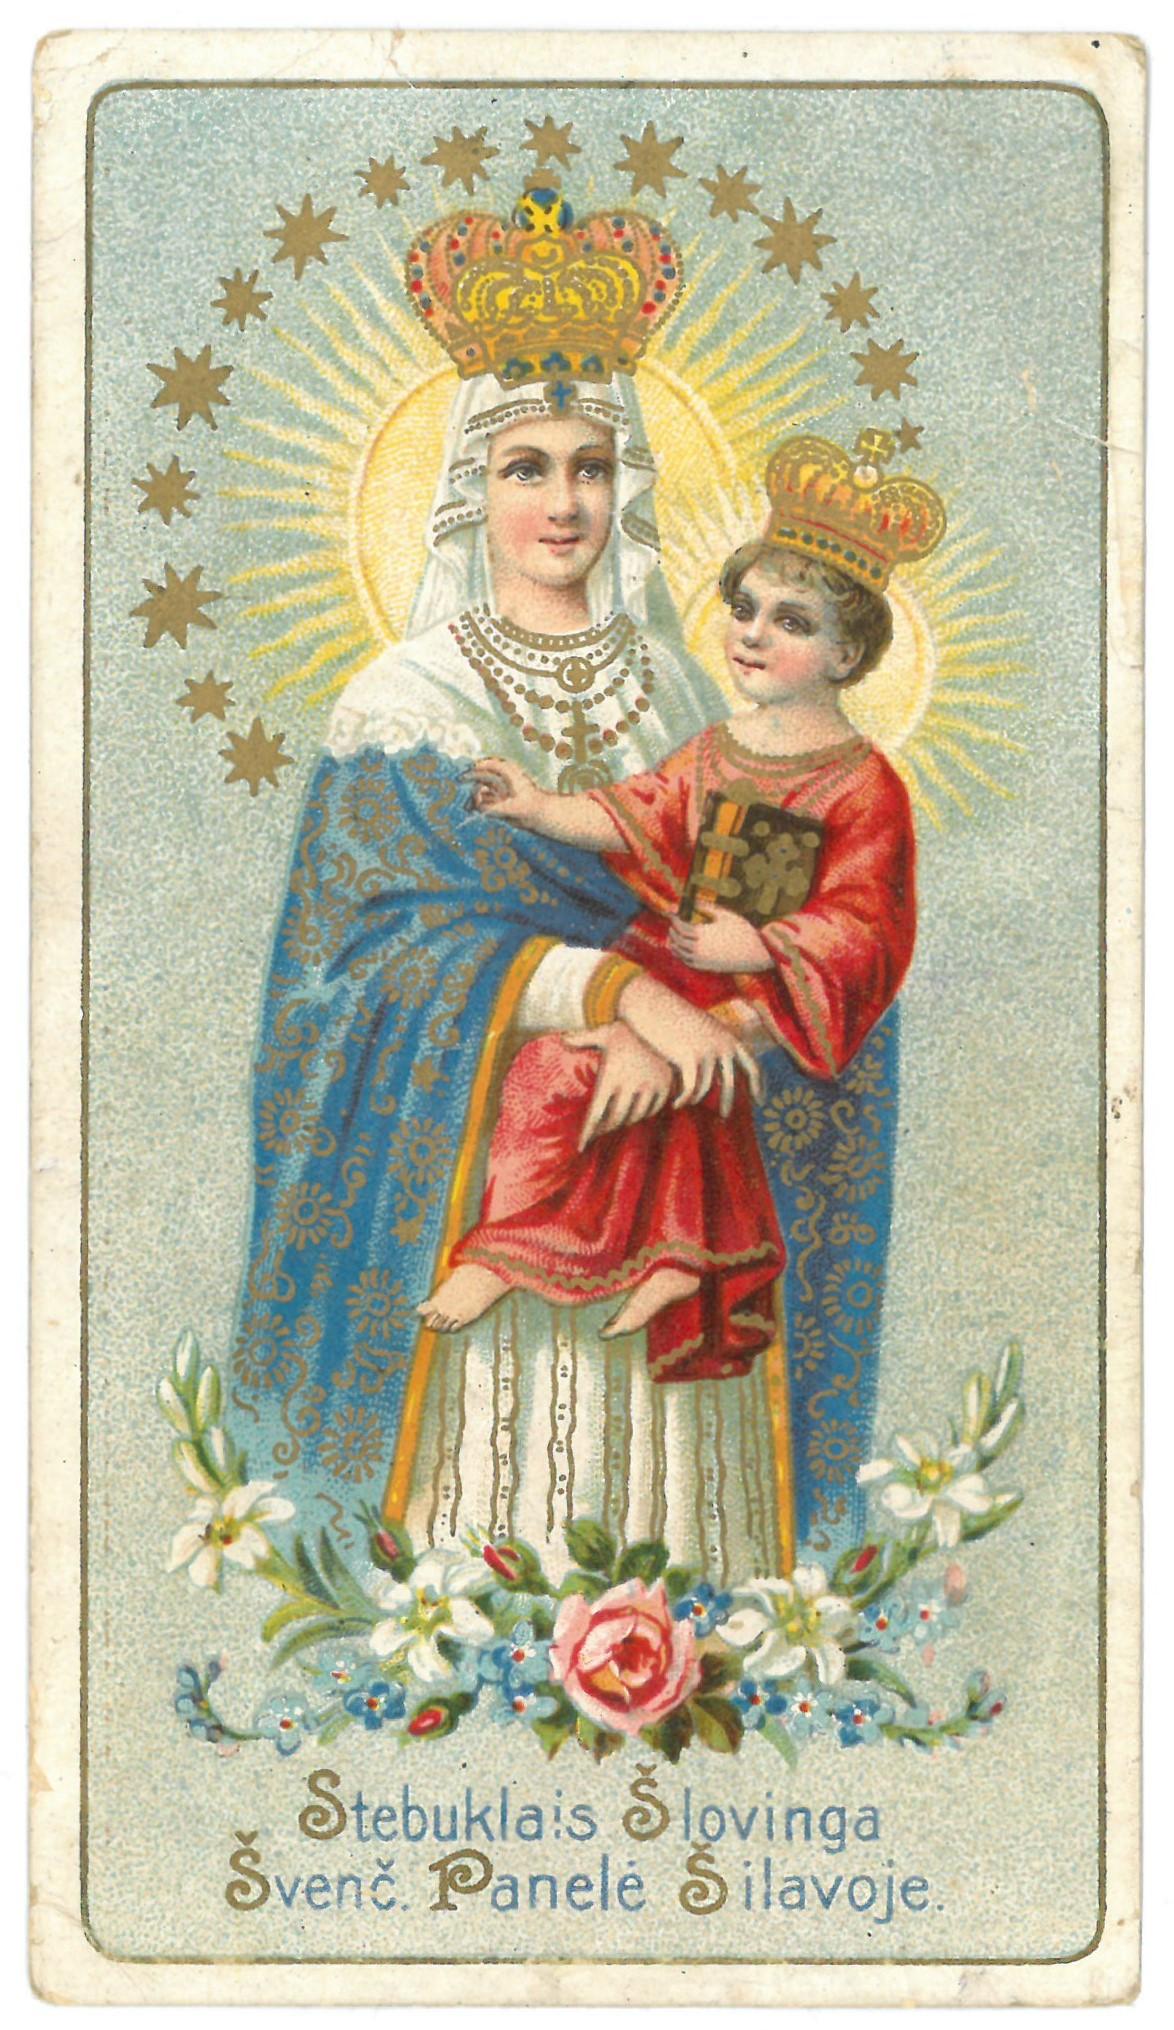 """Religinis paveikslėlis. """"Stebuklais Šlovinga Švenč. Panelė Šilavoje"""". Kitoje paveikslėlio pusėje – malda, Žemaičių vyskupo Pranciškaus Karevičiaus leidimas spausdinti 1922, Nr. 1705."""